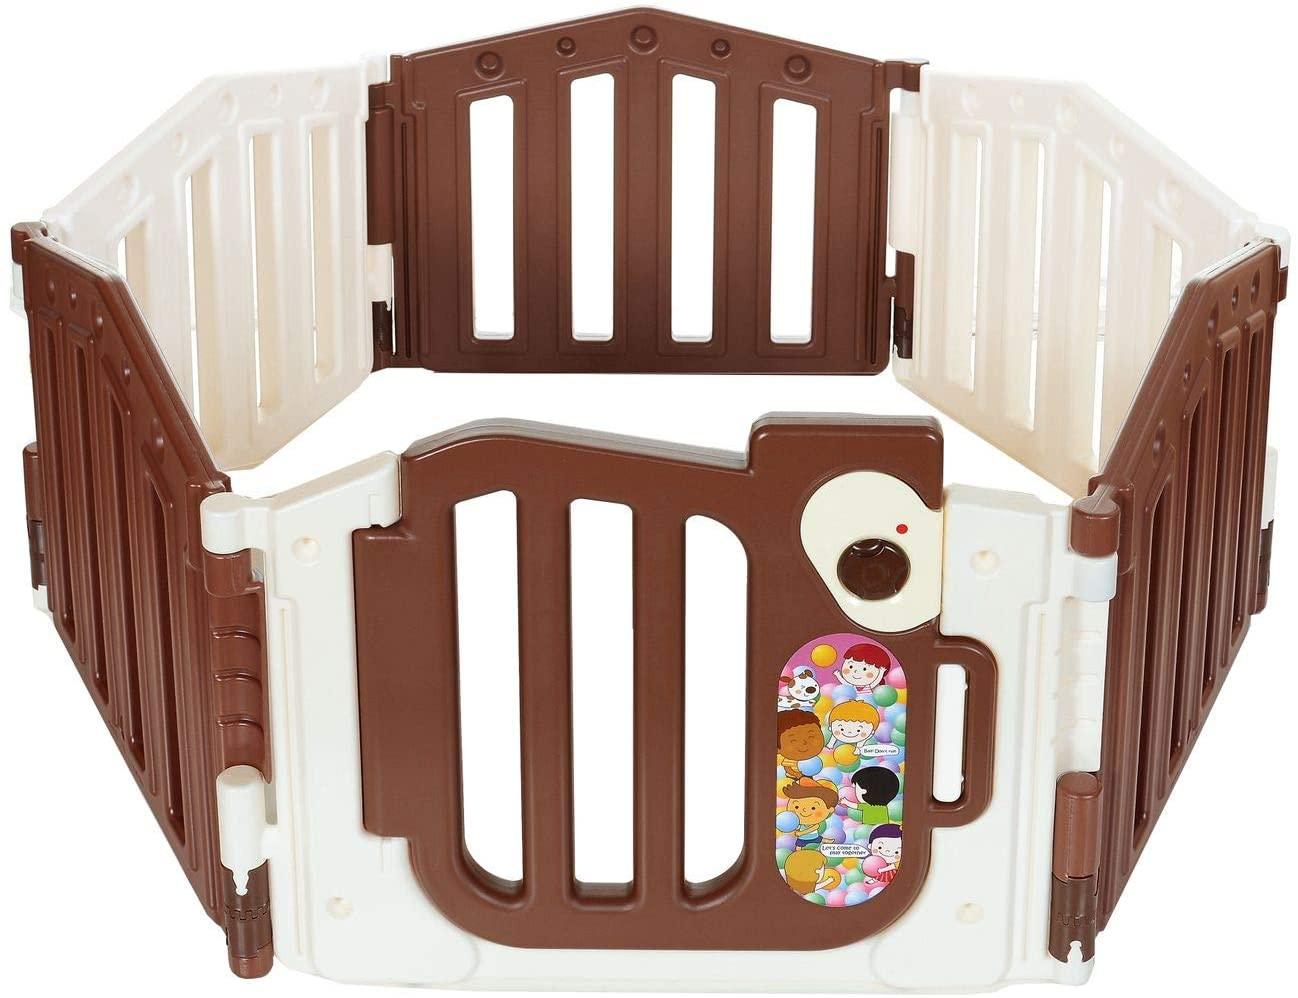 Extra Alto 66 cm Patio de Juegos Plegable de Seguridad con colchoneta y aro de Baloncesto Rojo//Azul Parque beb/és YXX Corralito Parque Infantil Grande para beb/és peque/ños para Camas gemelas